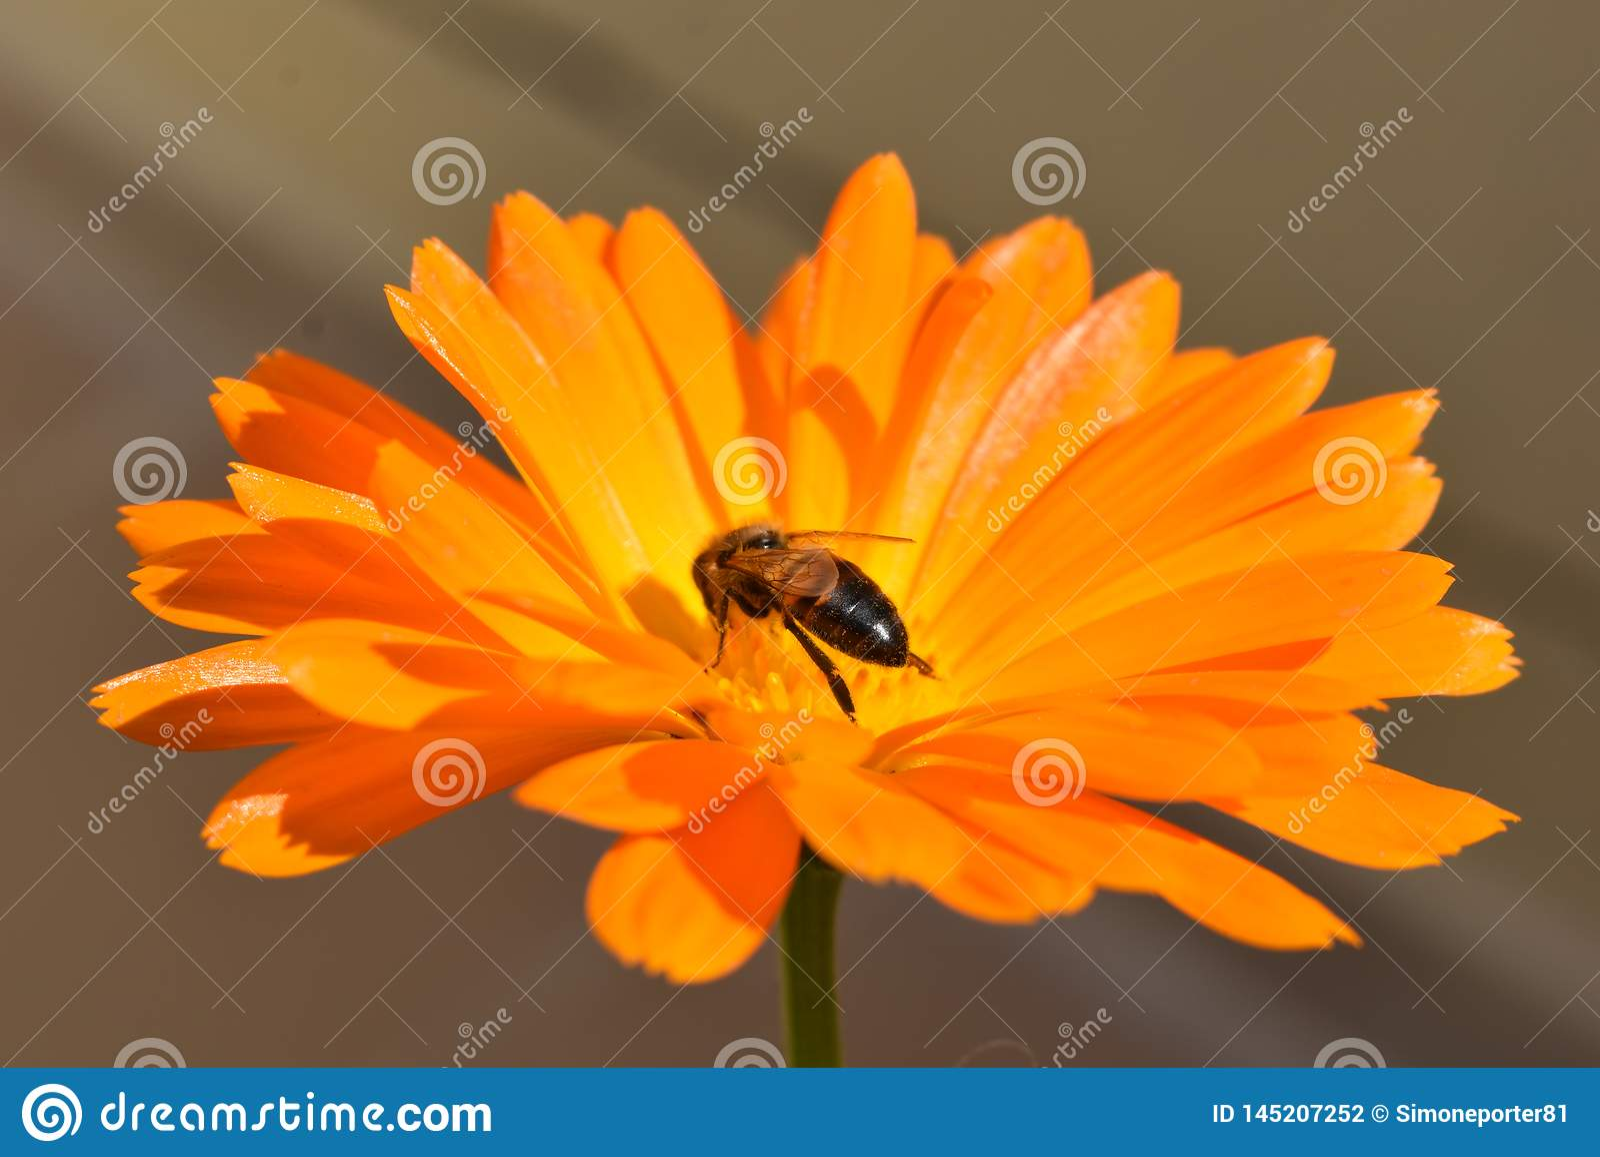 Eine kleine Biene auf einer orange Blume